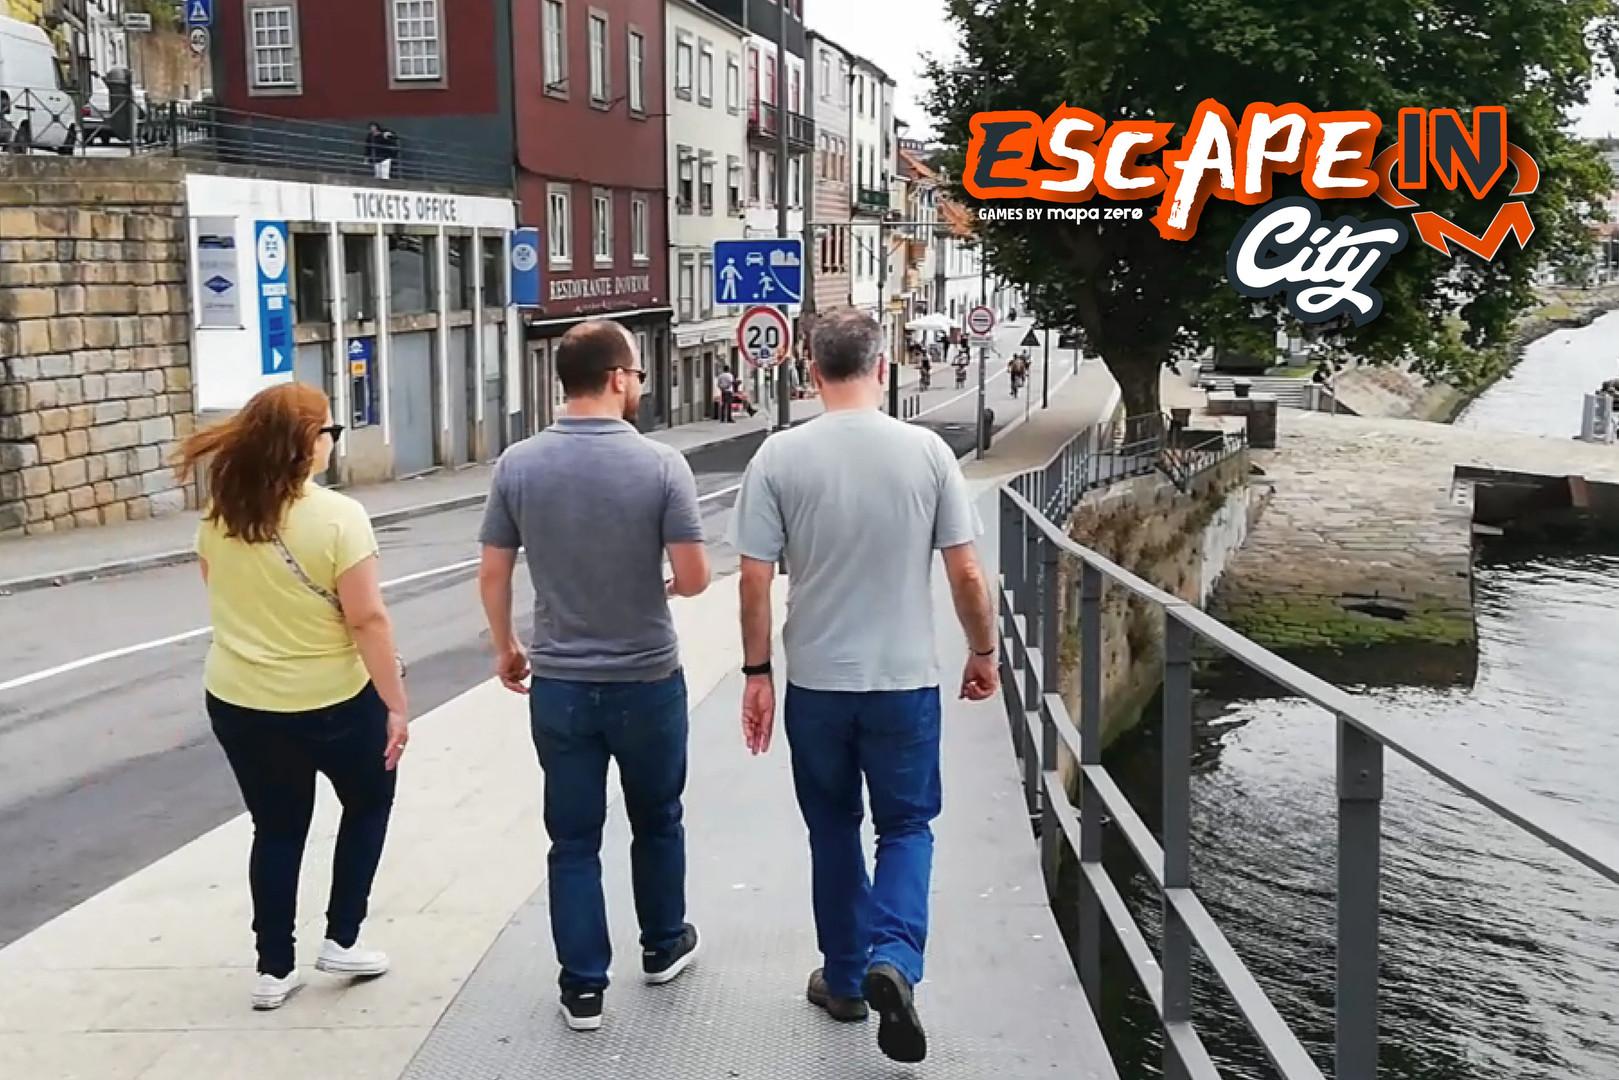 Escape in City (4).jpg